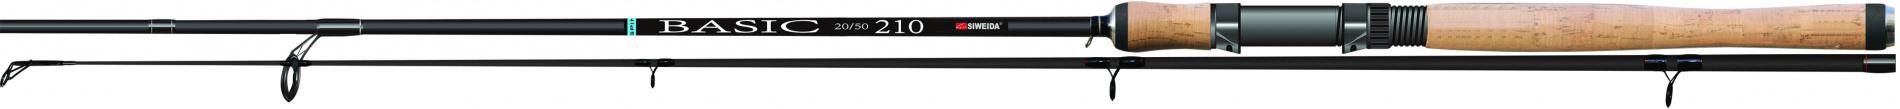 Спиннинг шт. SWD BASIC 2,4м карбон IM6 (5-20г)Спинниги<br>Бюджетный штекерный спиннинг длиной 2,4м <br>и тестом 5-20г, выполненный из карбона IM6. <br>Комплектуется качественными пропускными <br>кольцами SIС, современным катушкодержателем. <br>Рукоять спиннинга изготовлена из пробки. <br>Несмотря на не высокую цену, спиннинг обладает <br>быстрым строем, имеет небольшой вес и высокую <br>прочность. Рекомендуется использовать <br>при ловле хищника, как с берега, так и с лодки.<br>